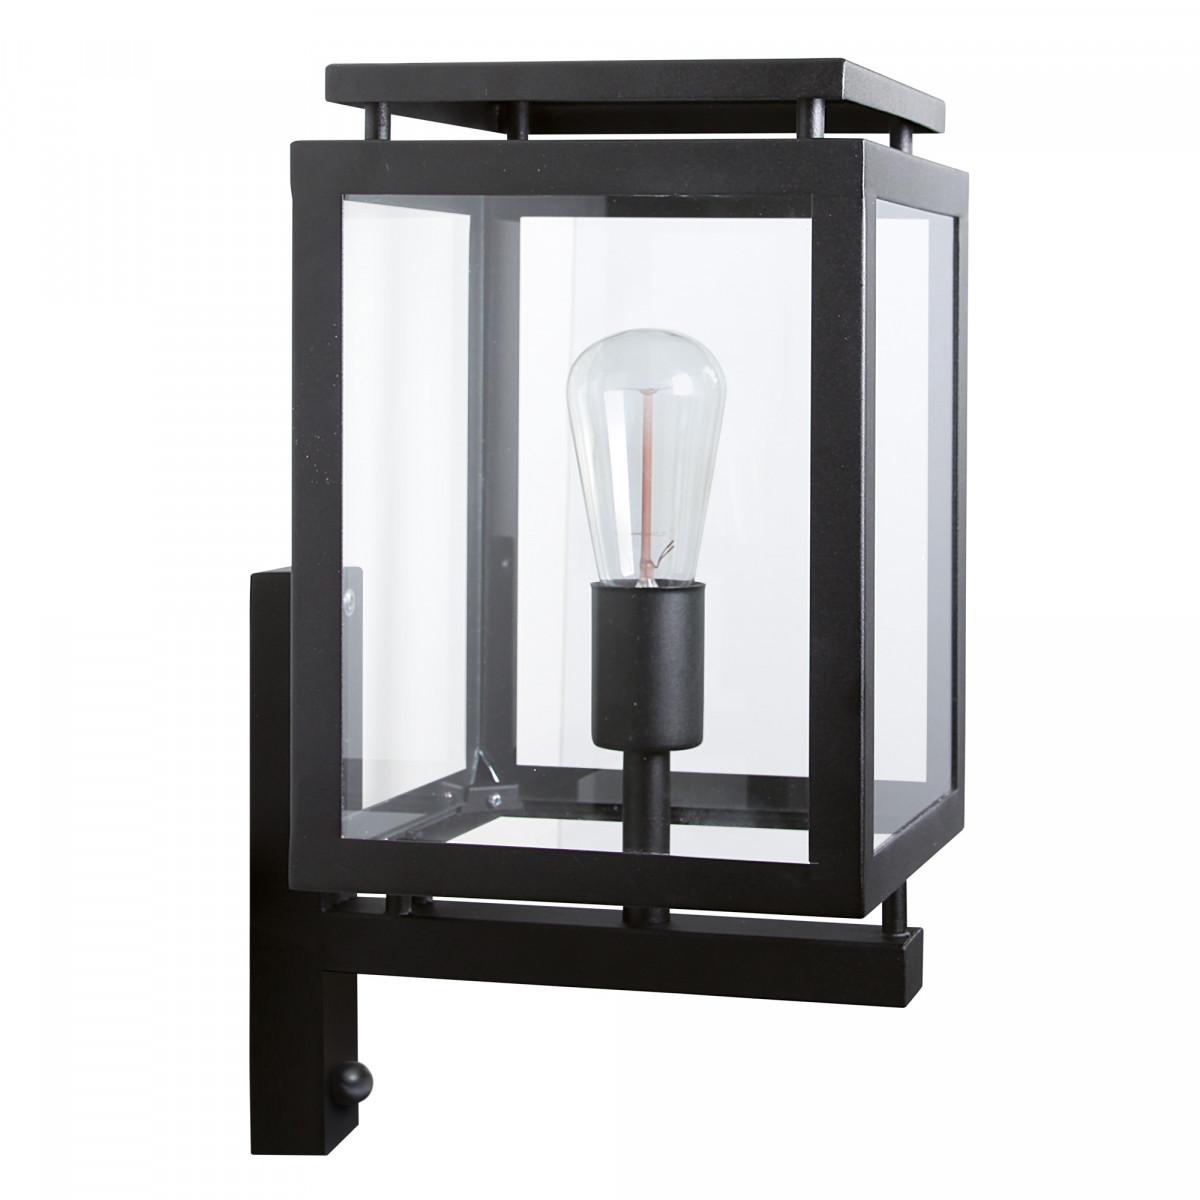 buitenlamp met bewegingssensor, strak klassieke buitenverlichting type De Vecht, originele KS kwaliteitsverlichting, gevelverlichting in een mat zwarte uitvoering, stijlvolle eigentijdse lantaarn voor buiten van KS Verlichting